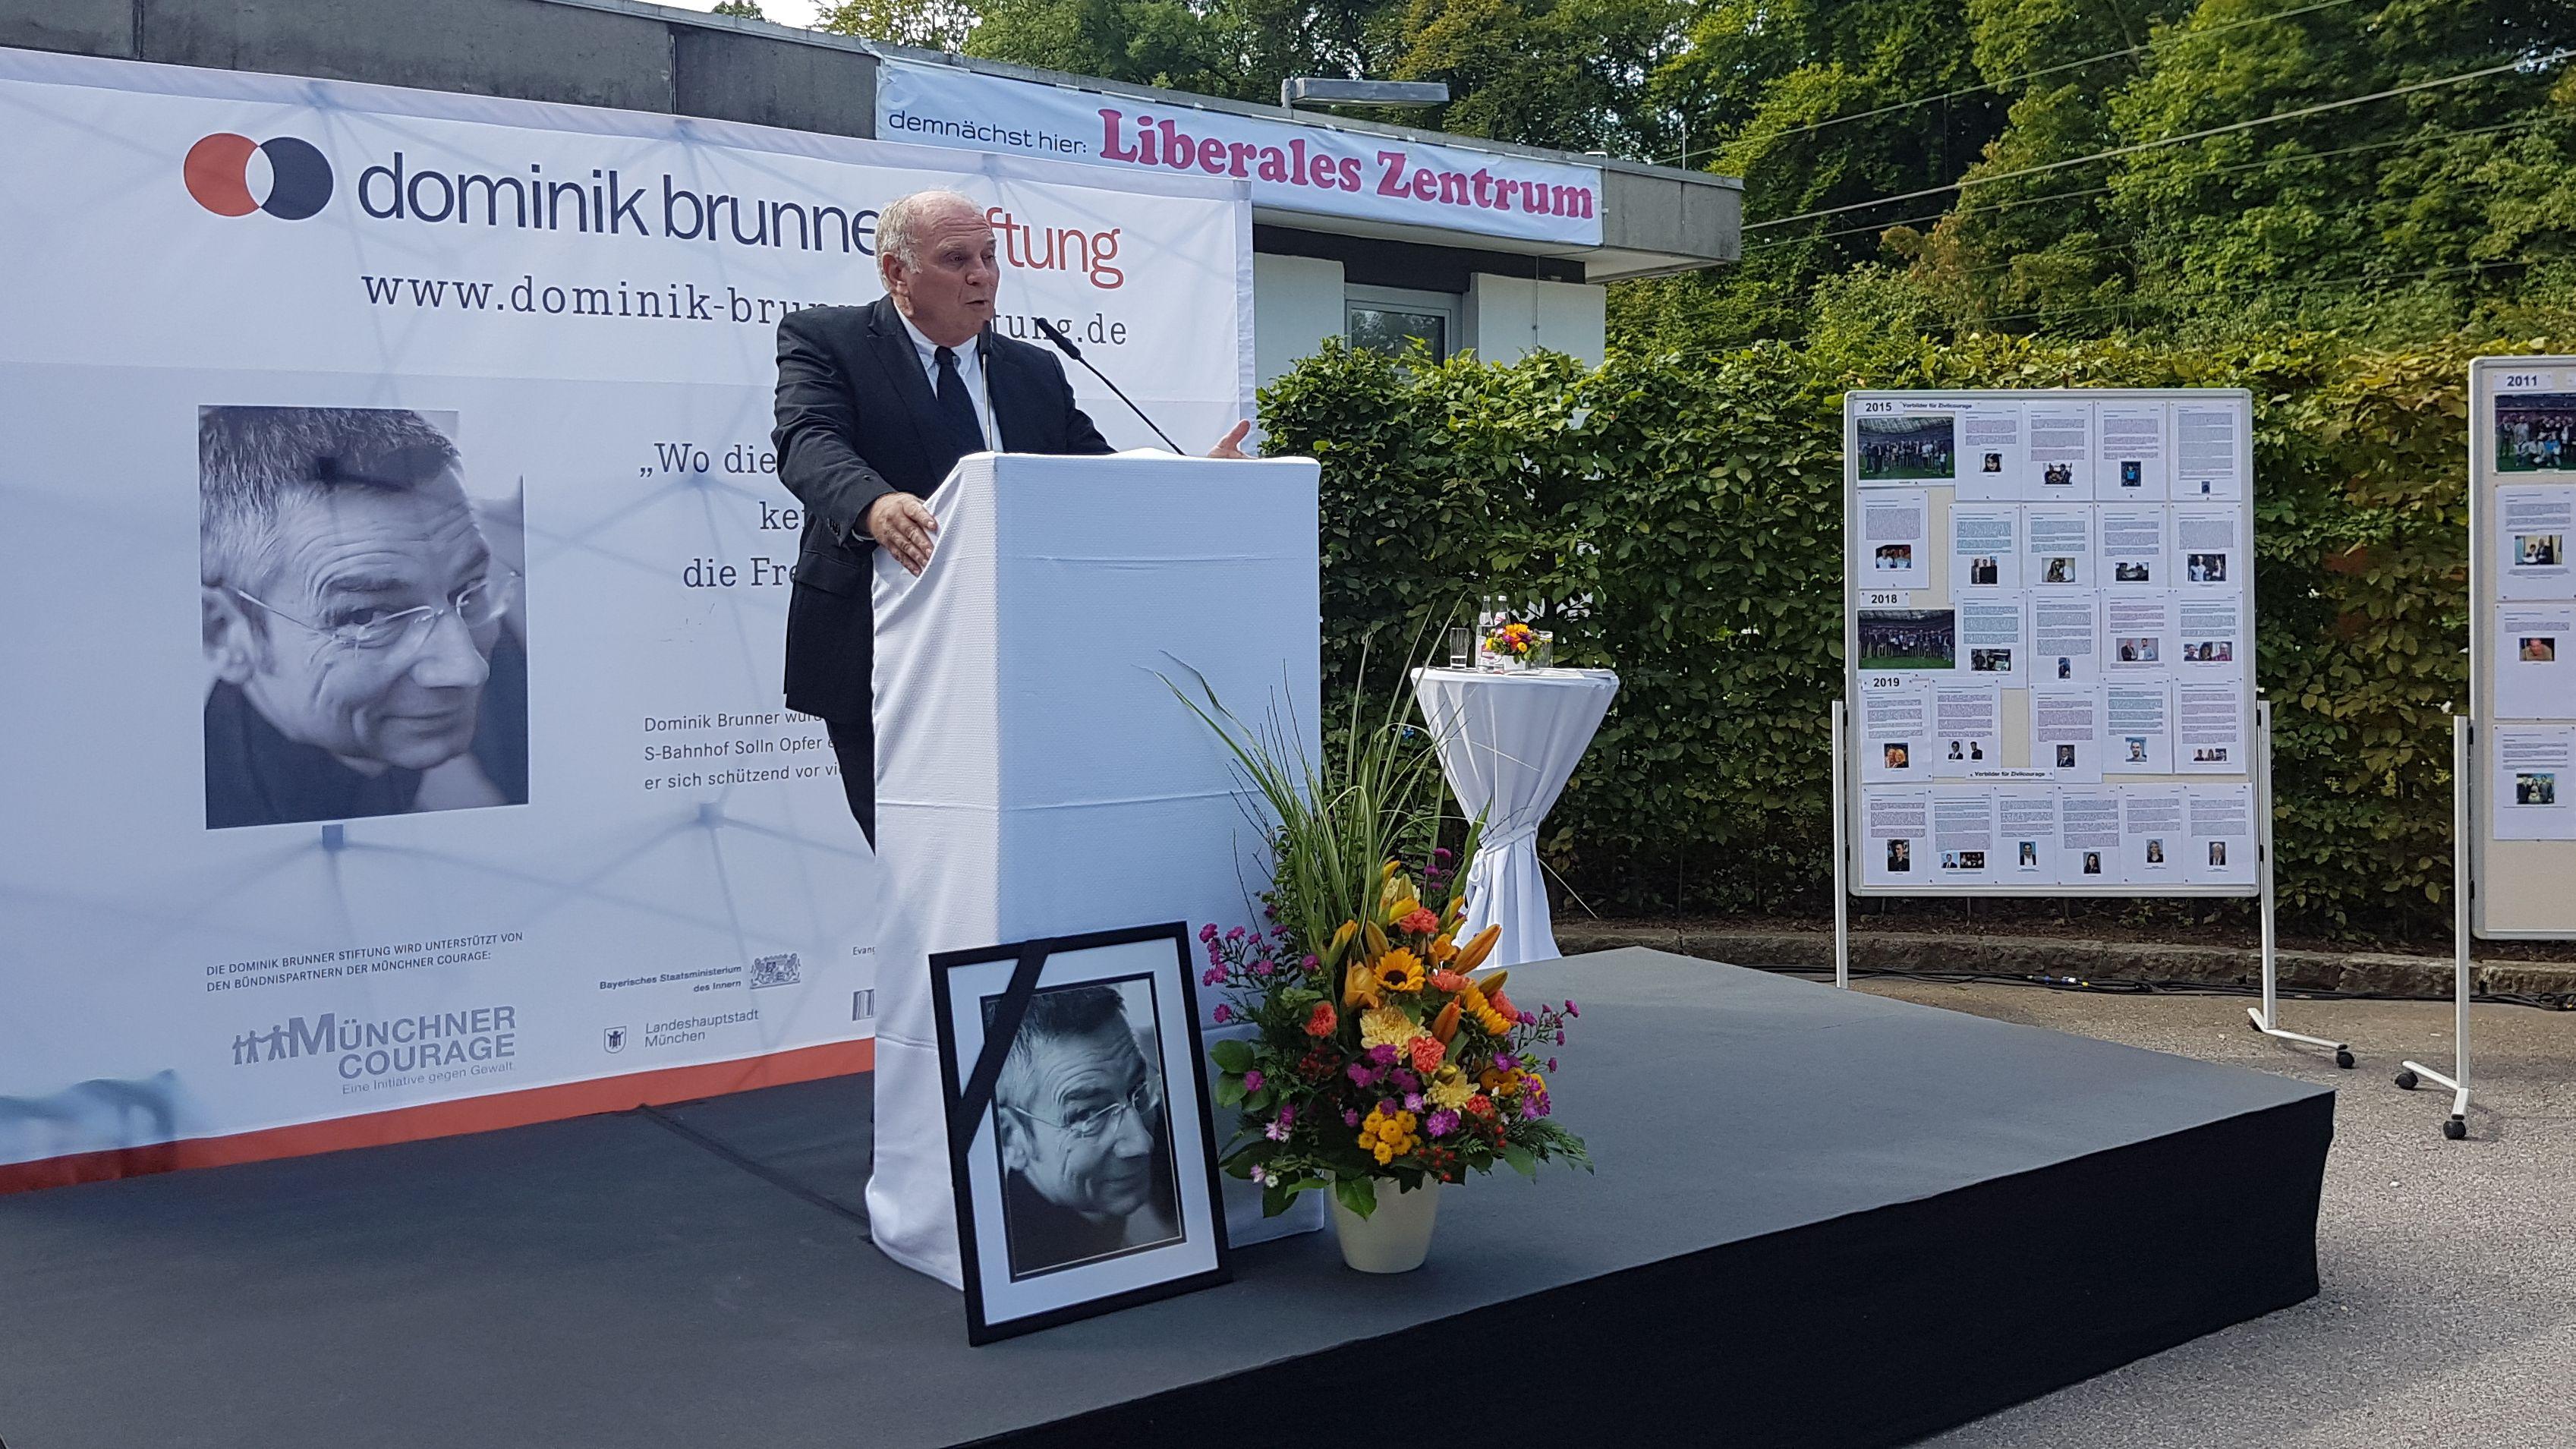 Uli Hoeneß spricht bei der Gedenkfeier für Dominik Brunner.